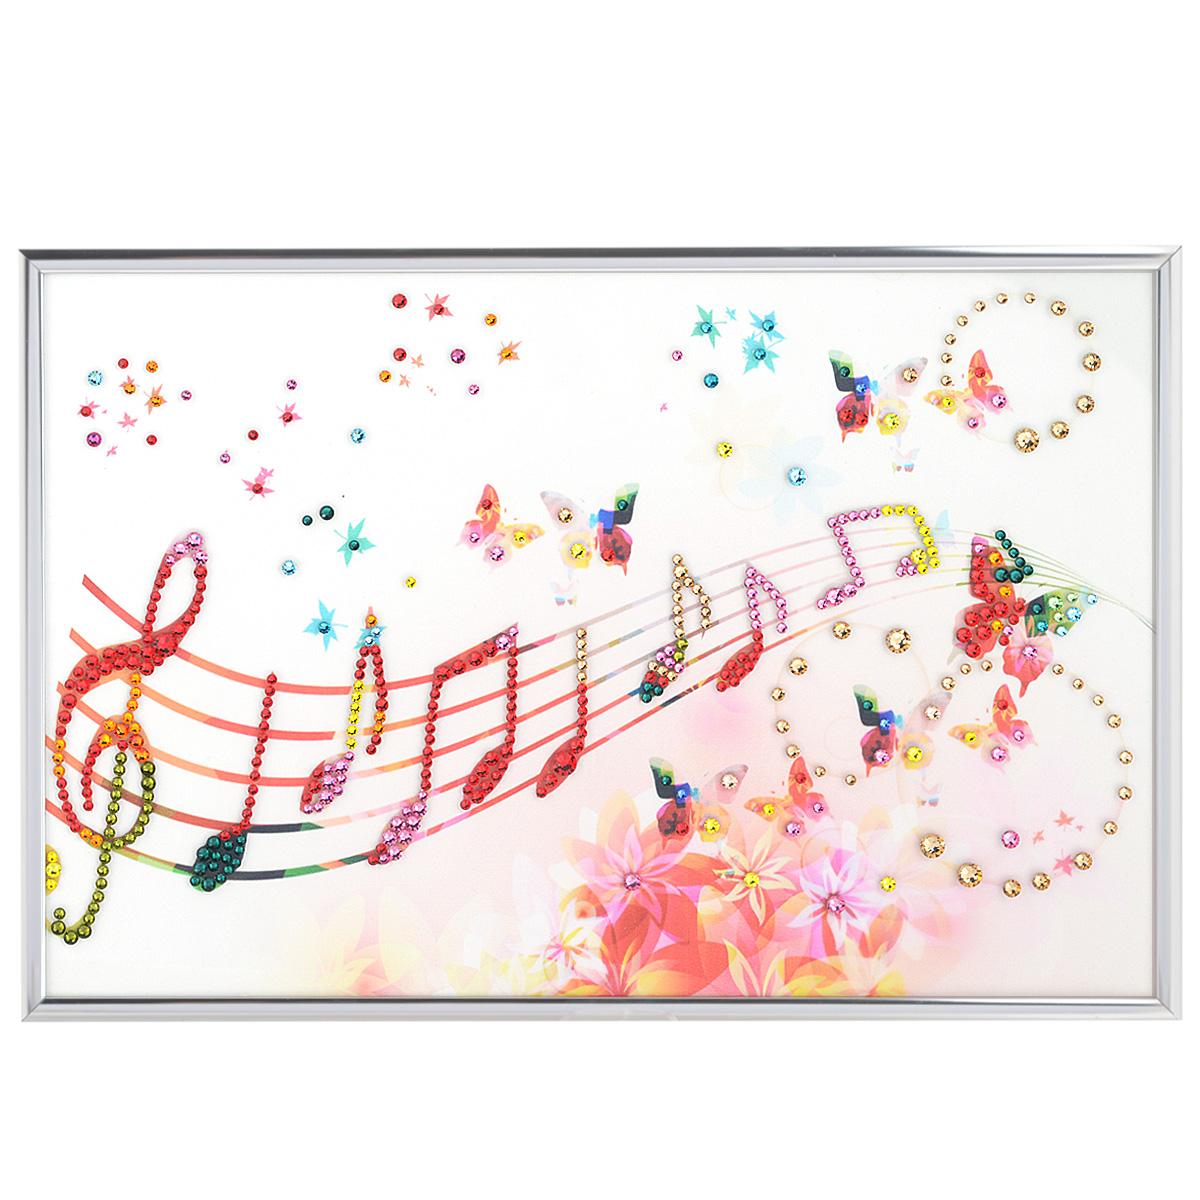 Картина с кристаллами Swarovski Музыка настроения, 30 см х 20 смIDEA CT3-11Изящная картина в алюминиевой раме Музыка настроения инкрустирована кристаллами Swarovski, которые отличаются четкой и ровной огранкой, ярким блеском и чистотой цвета. Идеально подобранная палитра кристаллов прекрасно дополняет картину. С задней стороны изделие оснащено специальной металлической петелькой для размещения на стене. Картина с кристаллами Swarovski элегантно украсит интерьер дома, а также станет прекрасным подарком, который обязательно понравится получателю. Блеск кристаллов в интерьере - что может быть сказочнее и удивительнее. Изделие упаковано в подарочную картонную коробку синего цвета и комплектуется сертификатом соответствия Swarovski.